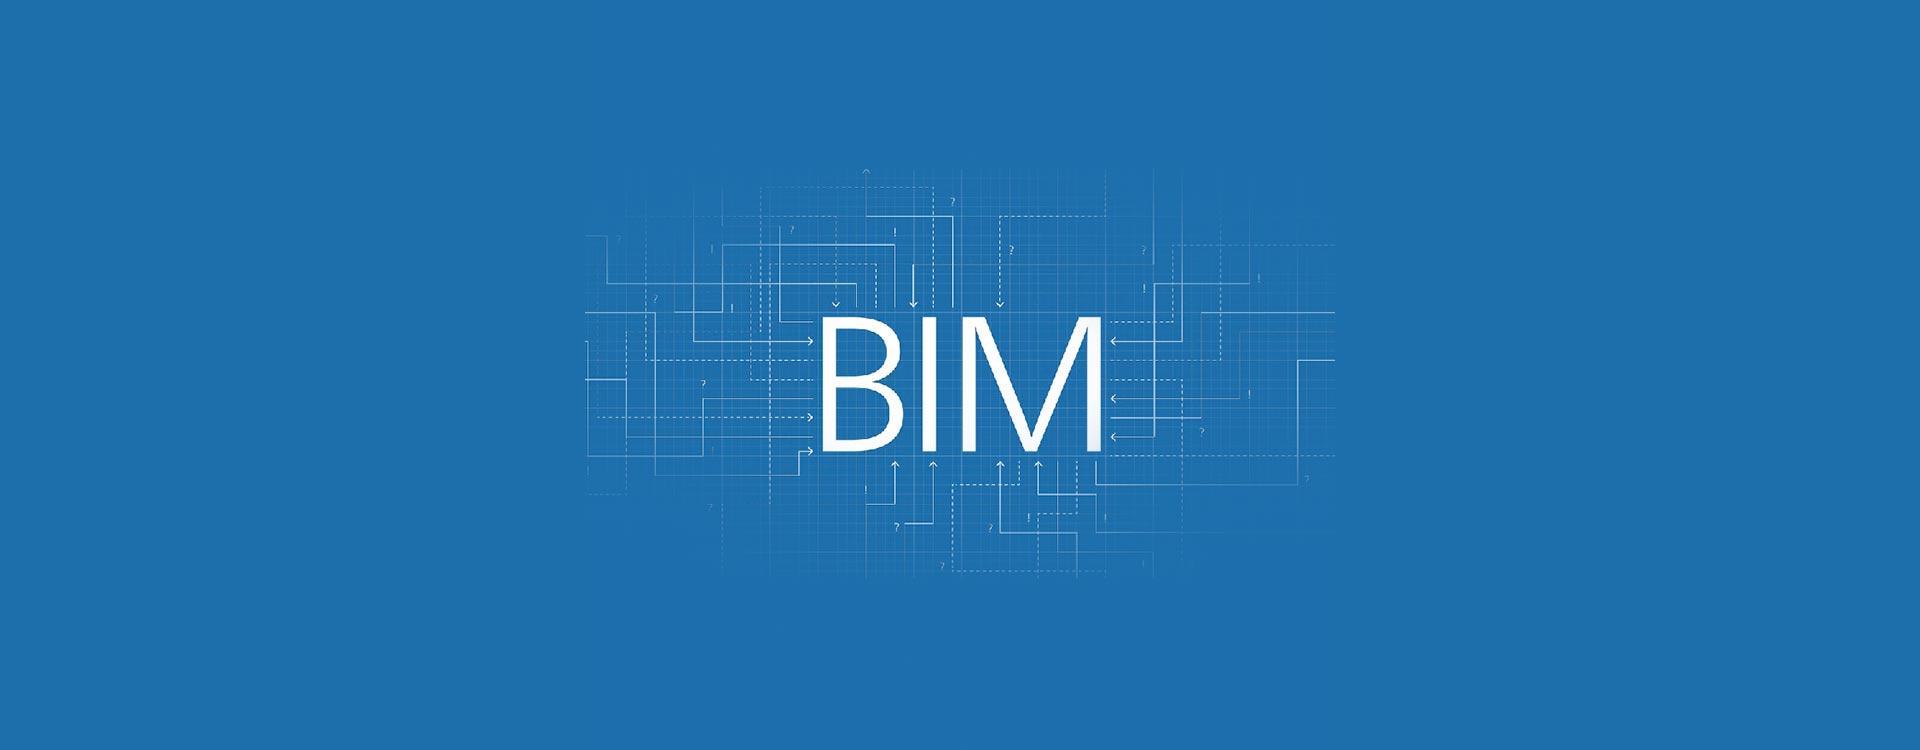 orçamento obras BIM a arquiteta 3 - Como fazer um orçamento de obras em modelos BIM?